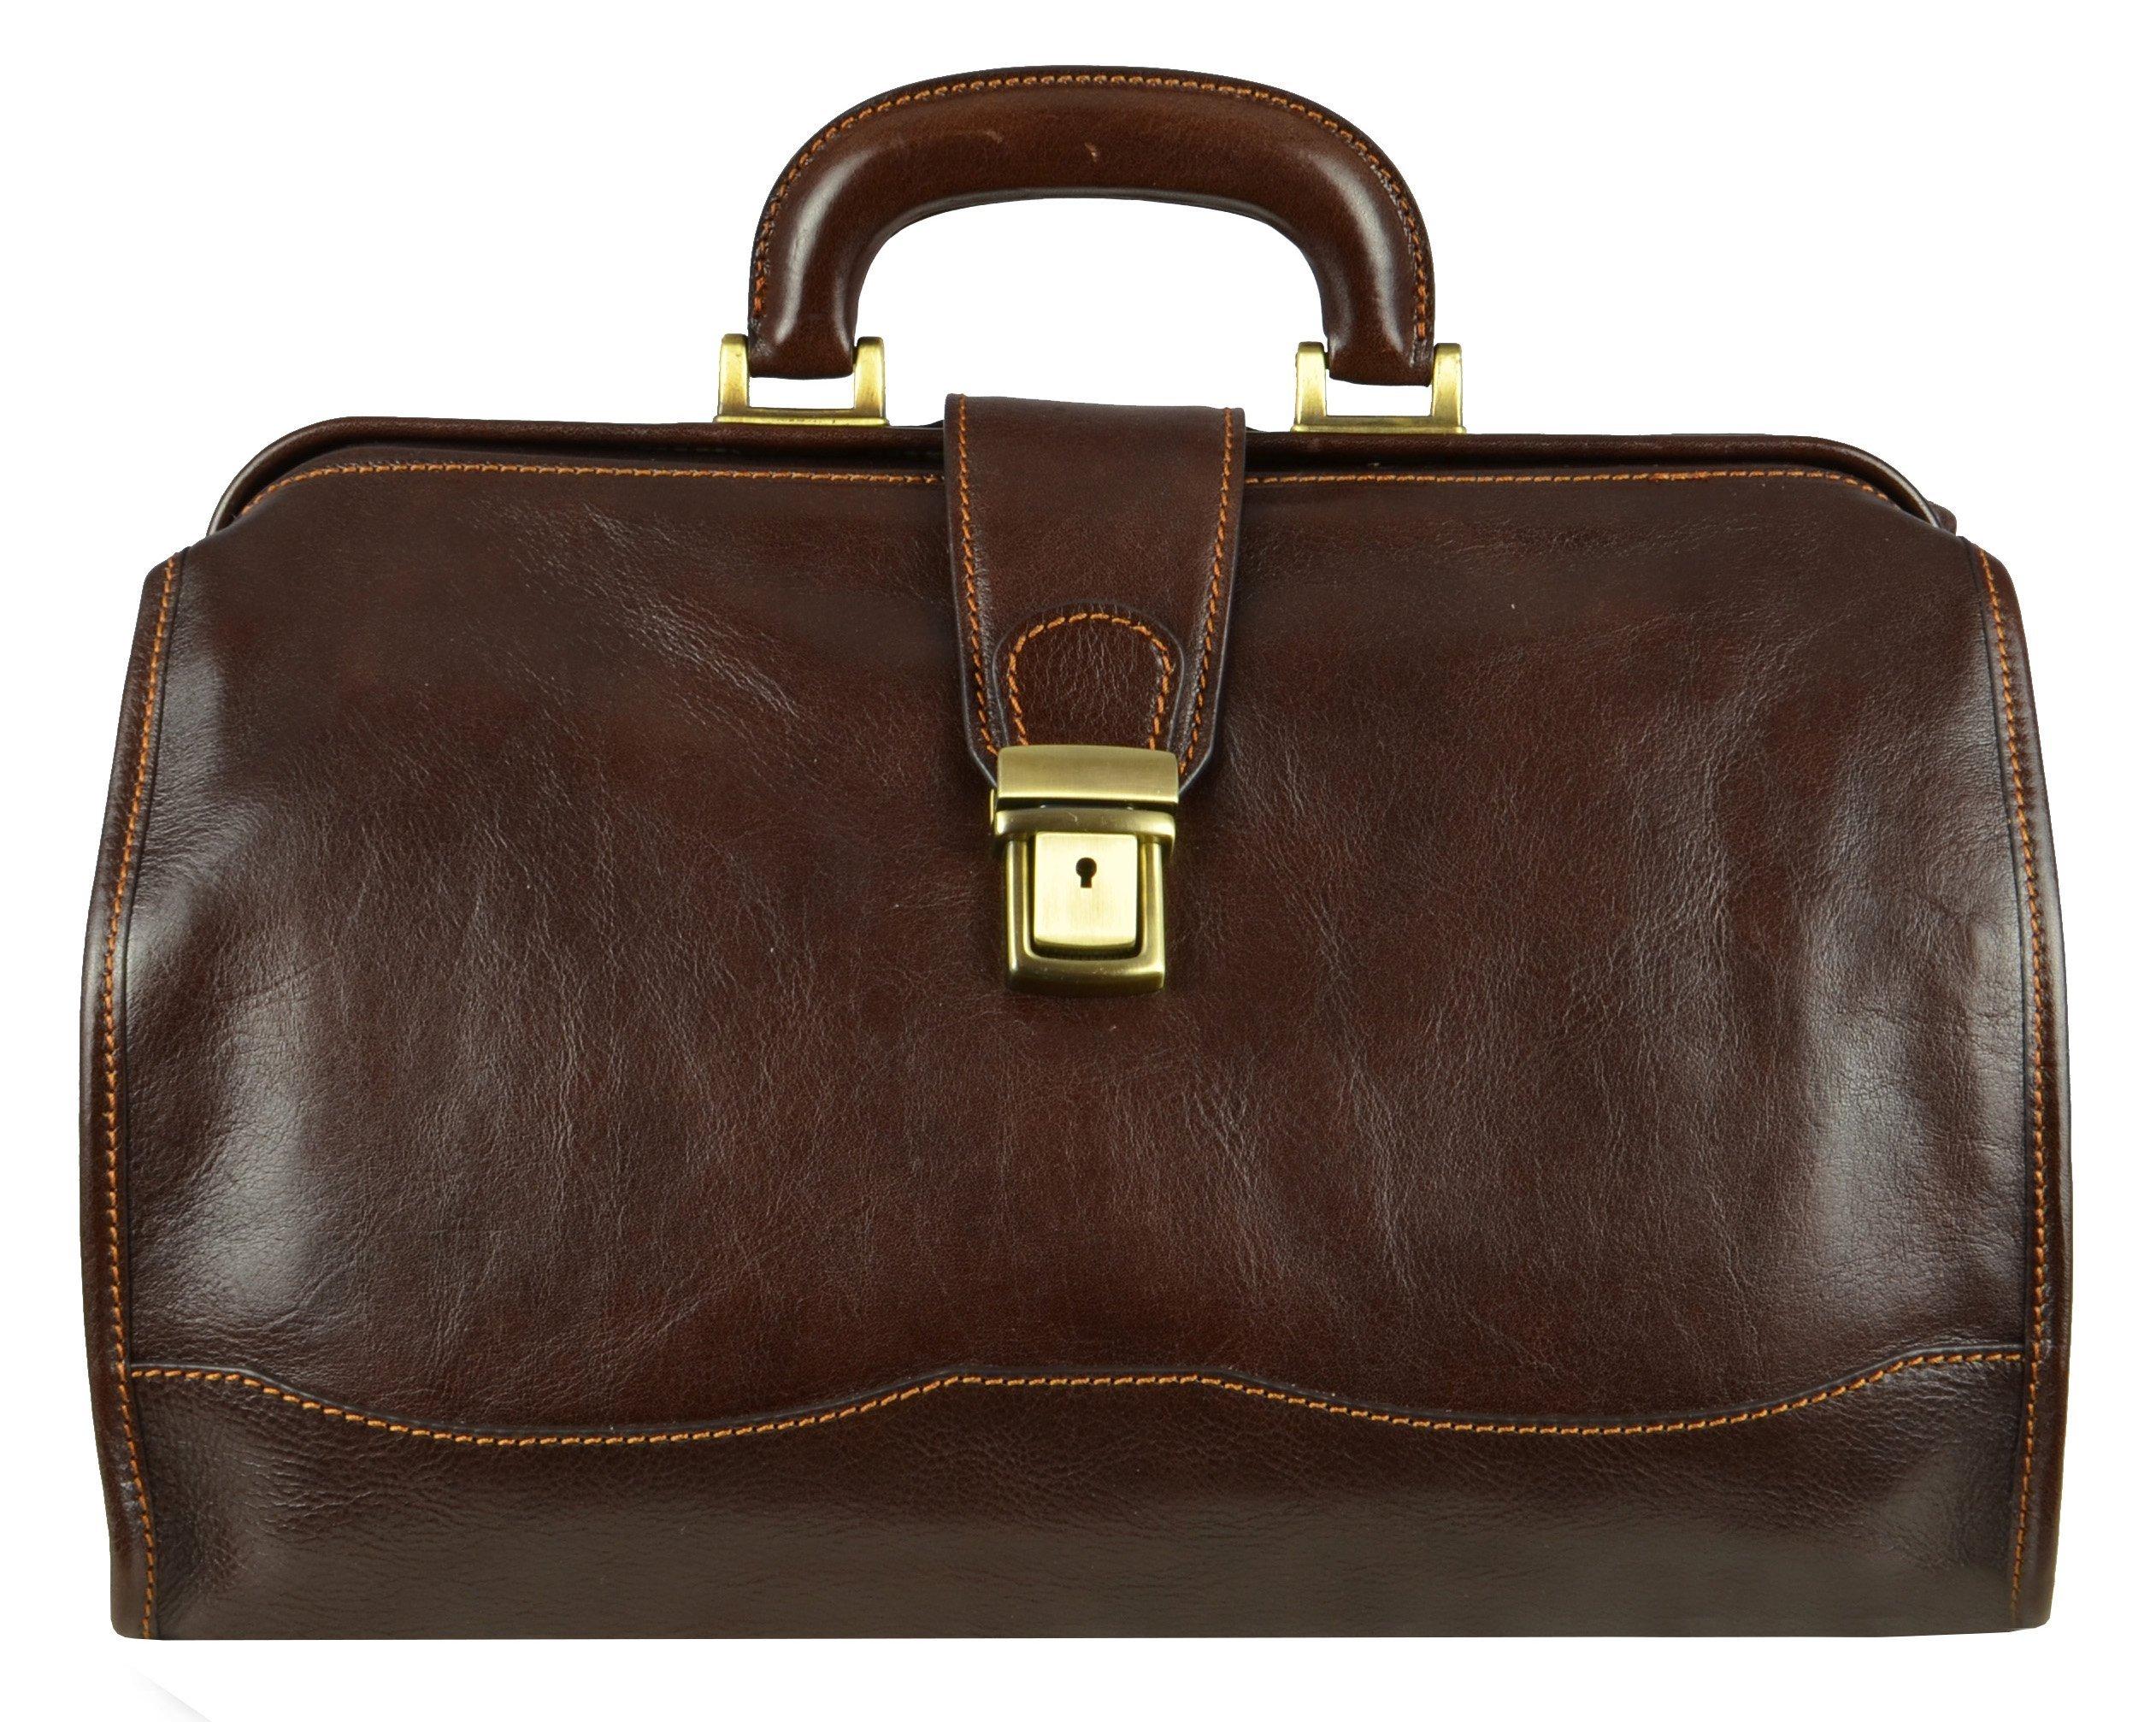 Leather Doctor Bag, Medical Bag, Dark Brown - Time Resistance